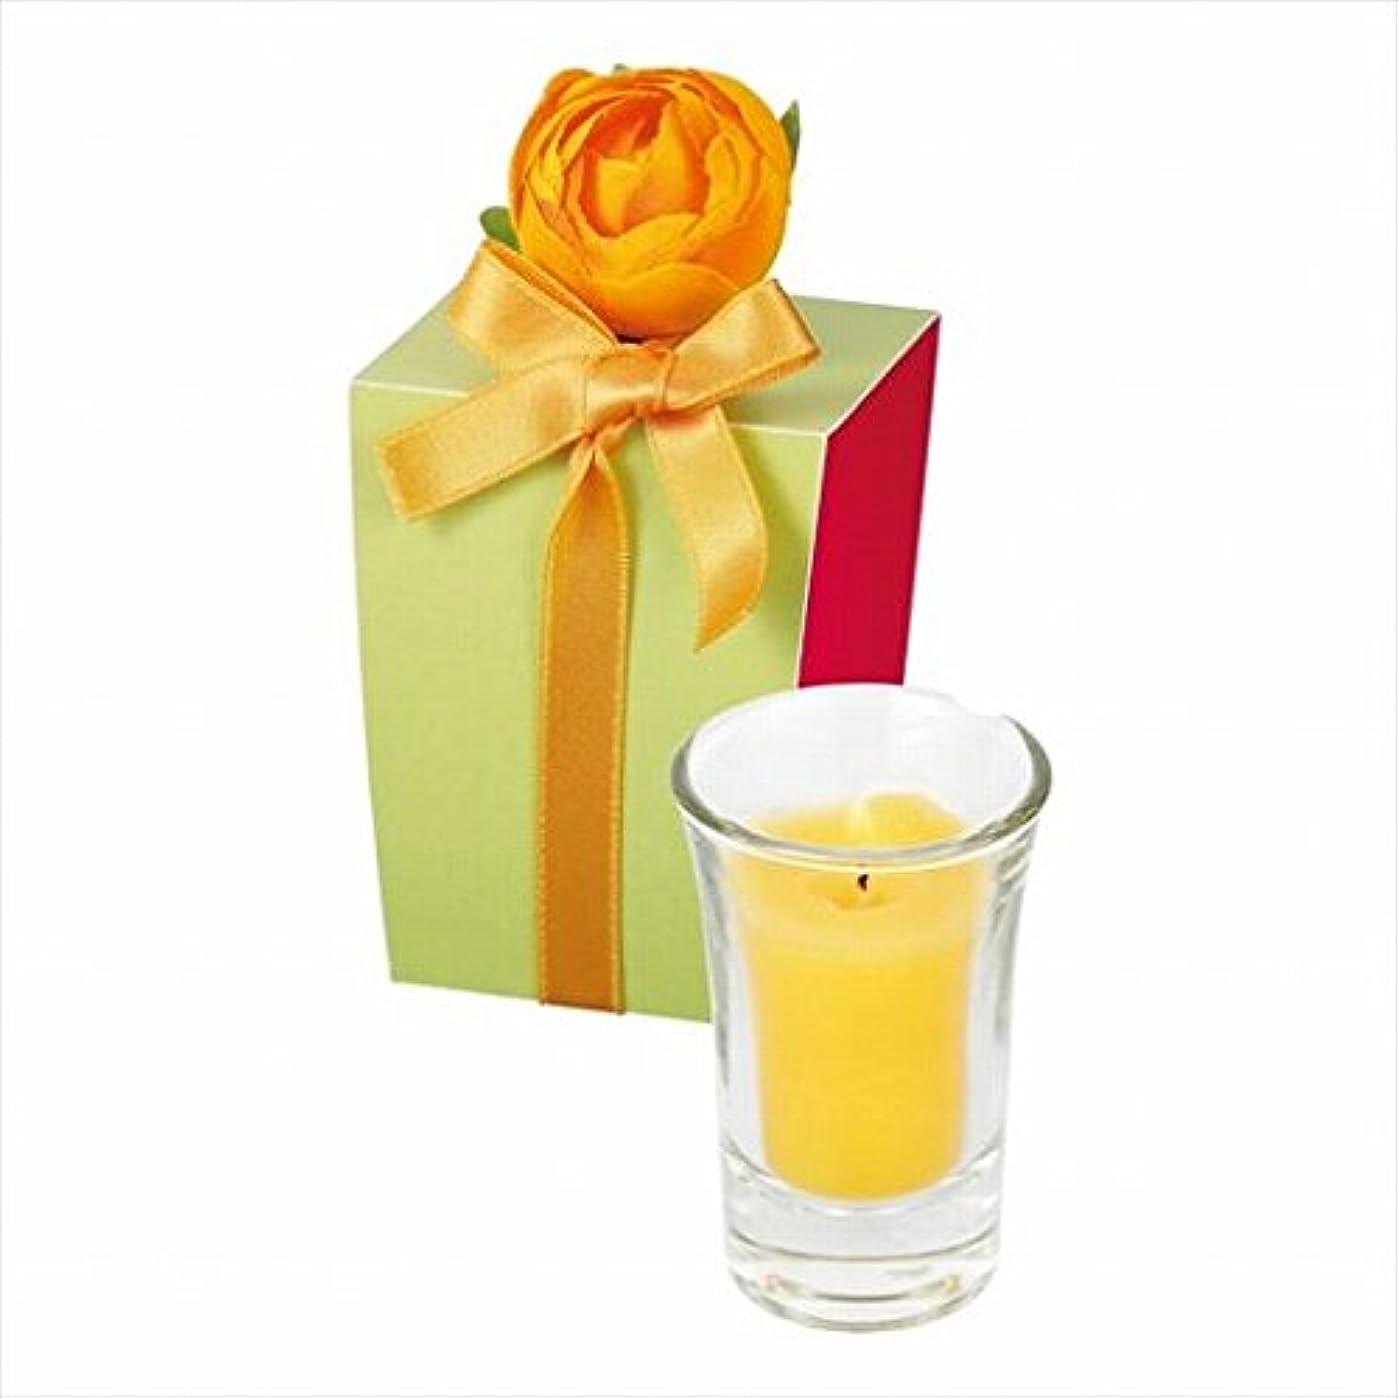 急ぐ細分化する目の前のカメヤマキャンドル(kameyama candle) ラナンキュラスグラスキャンドル 「 イエロー 」